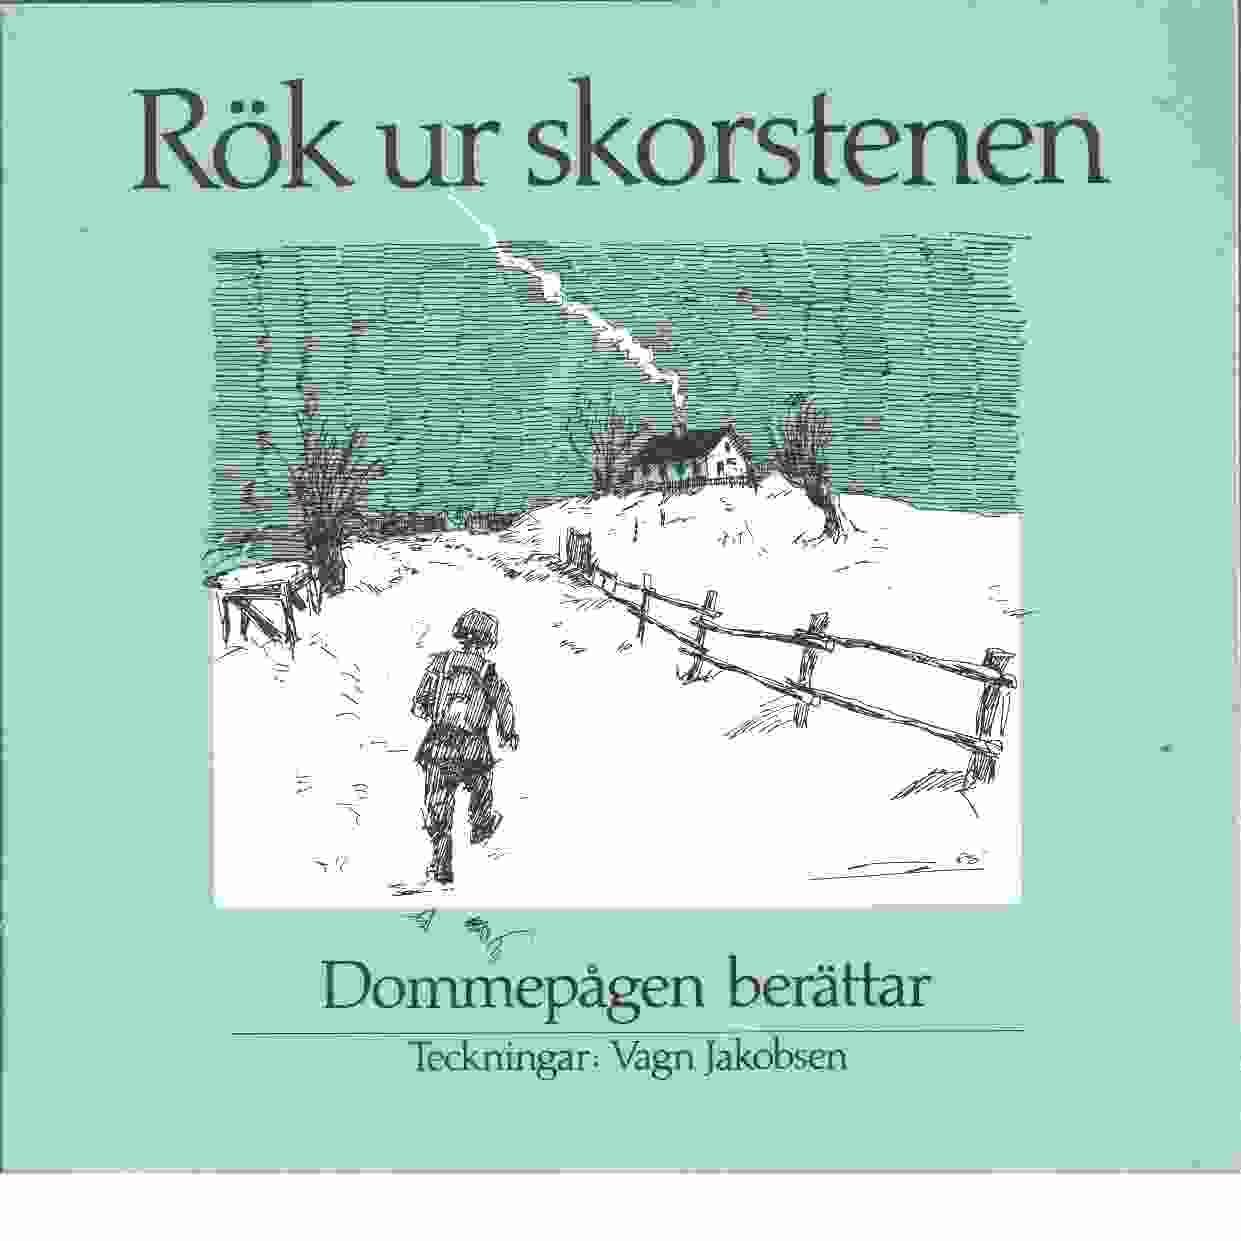 Rök ur skorstenen : Dommepågen berättar - Anvin, Gunnar